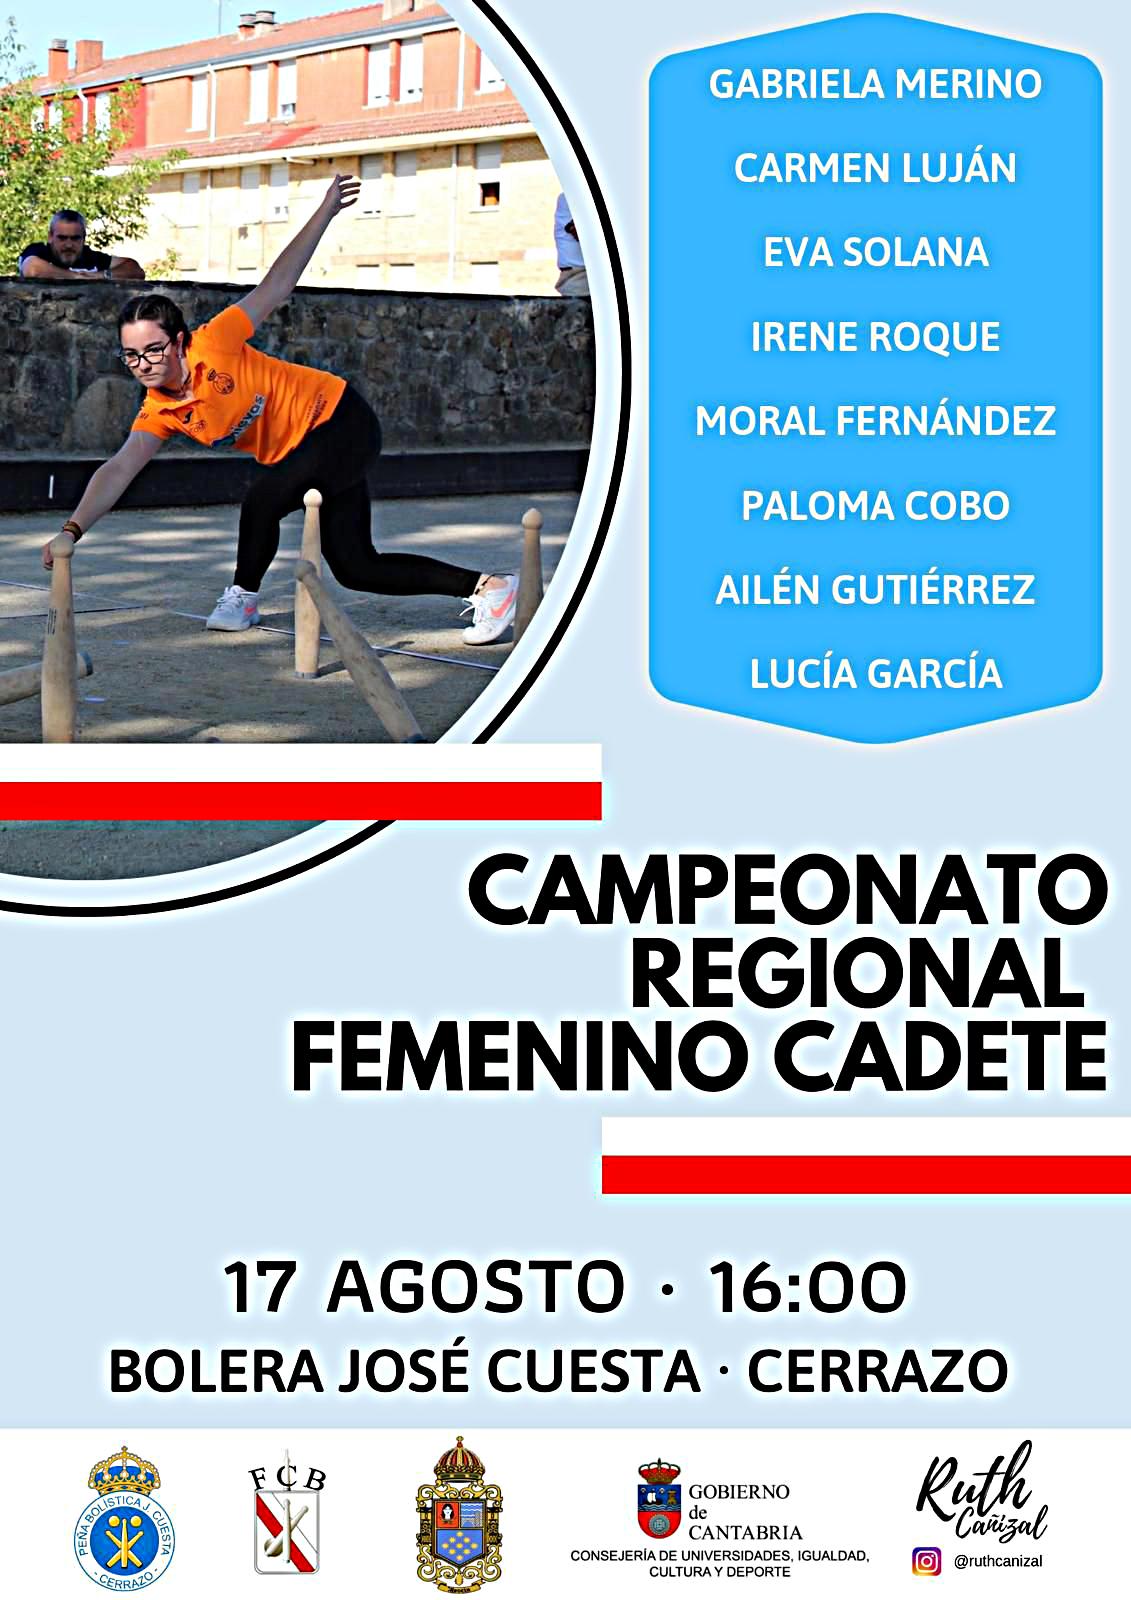 campeonato regional femenino cadete 17agosto19-cerrazo-